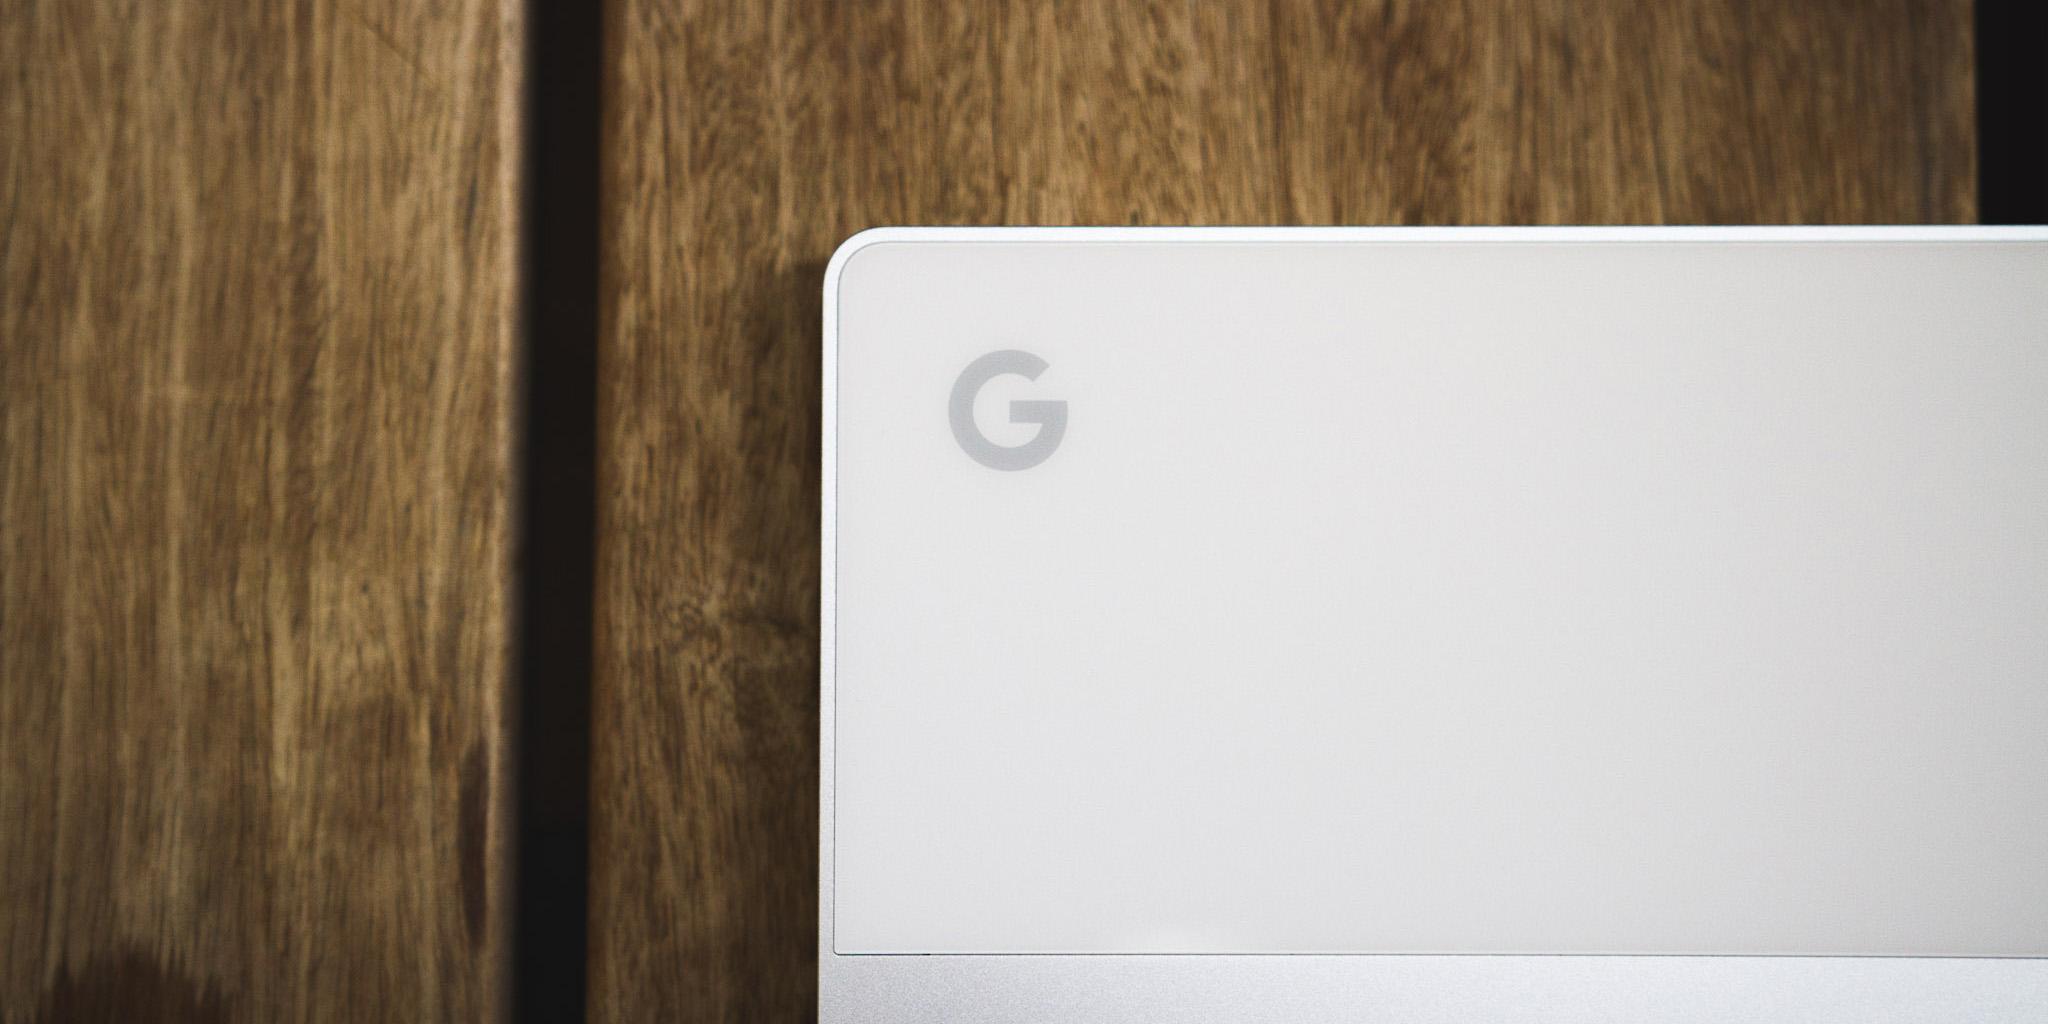 google pixelbook 2